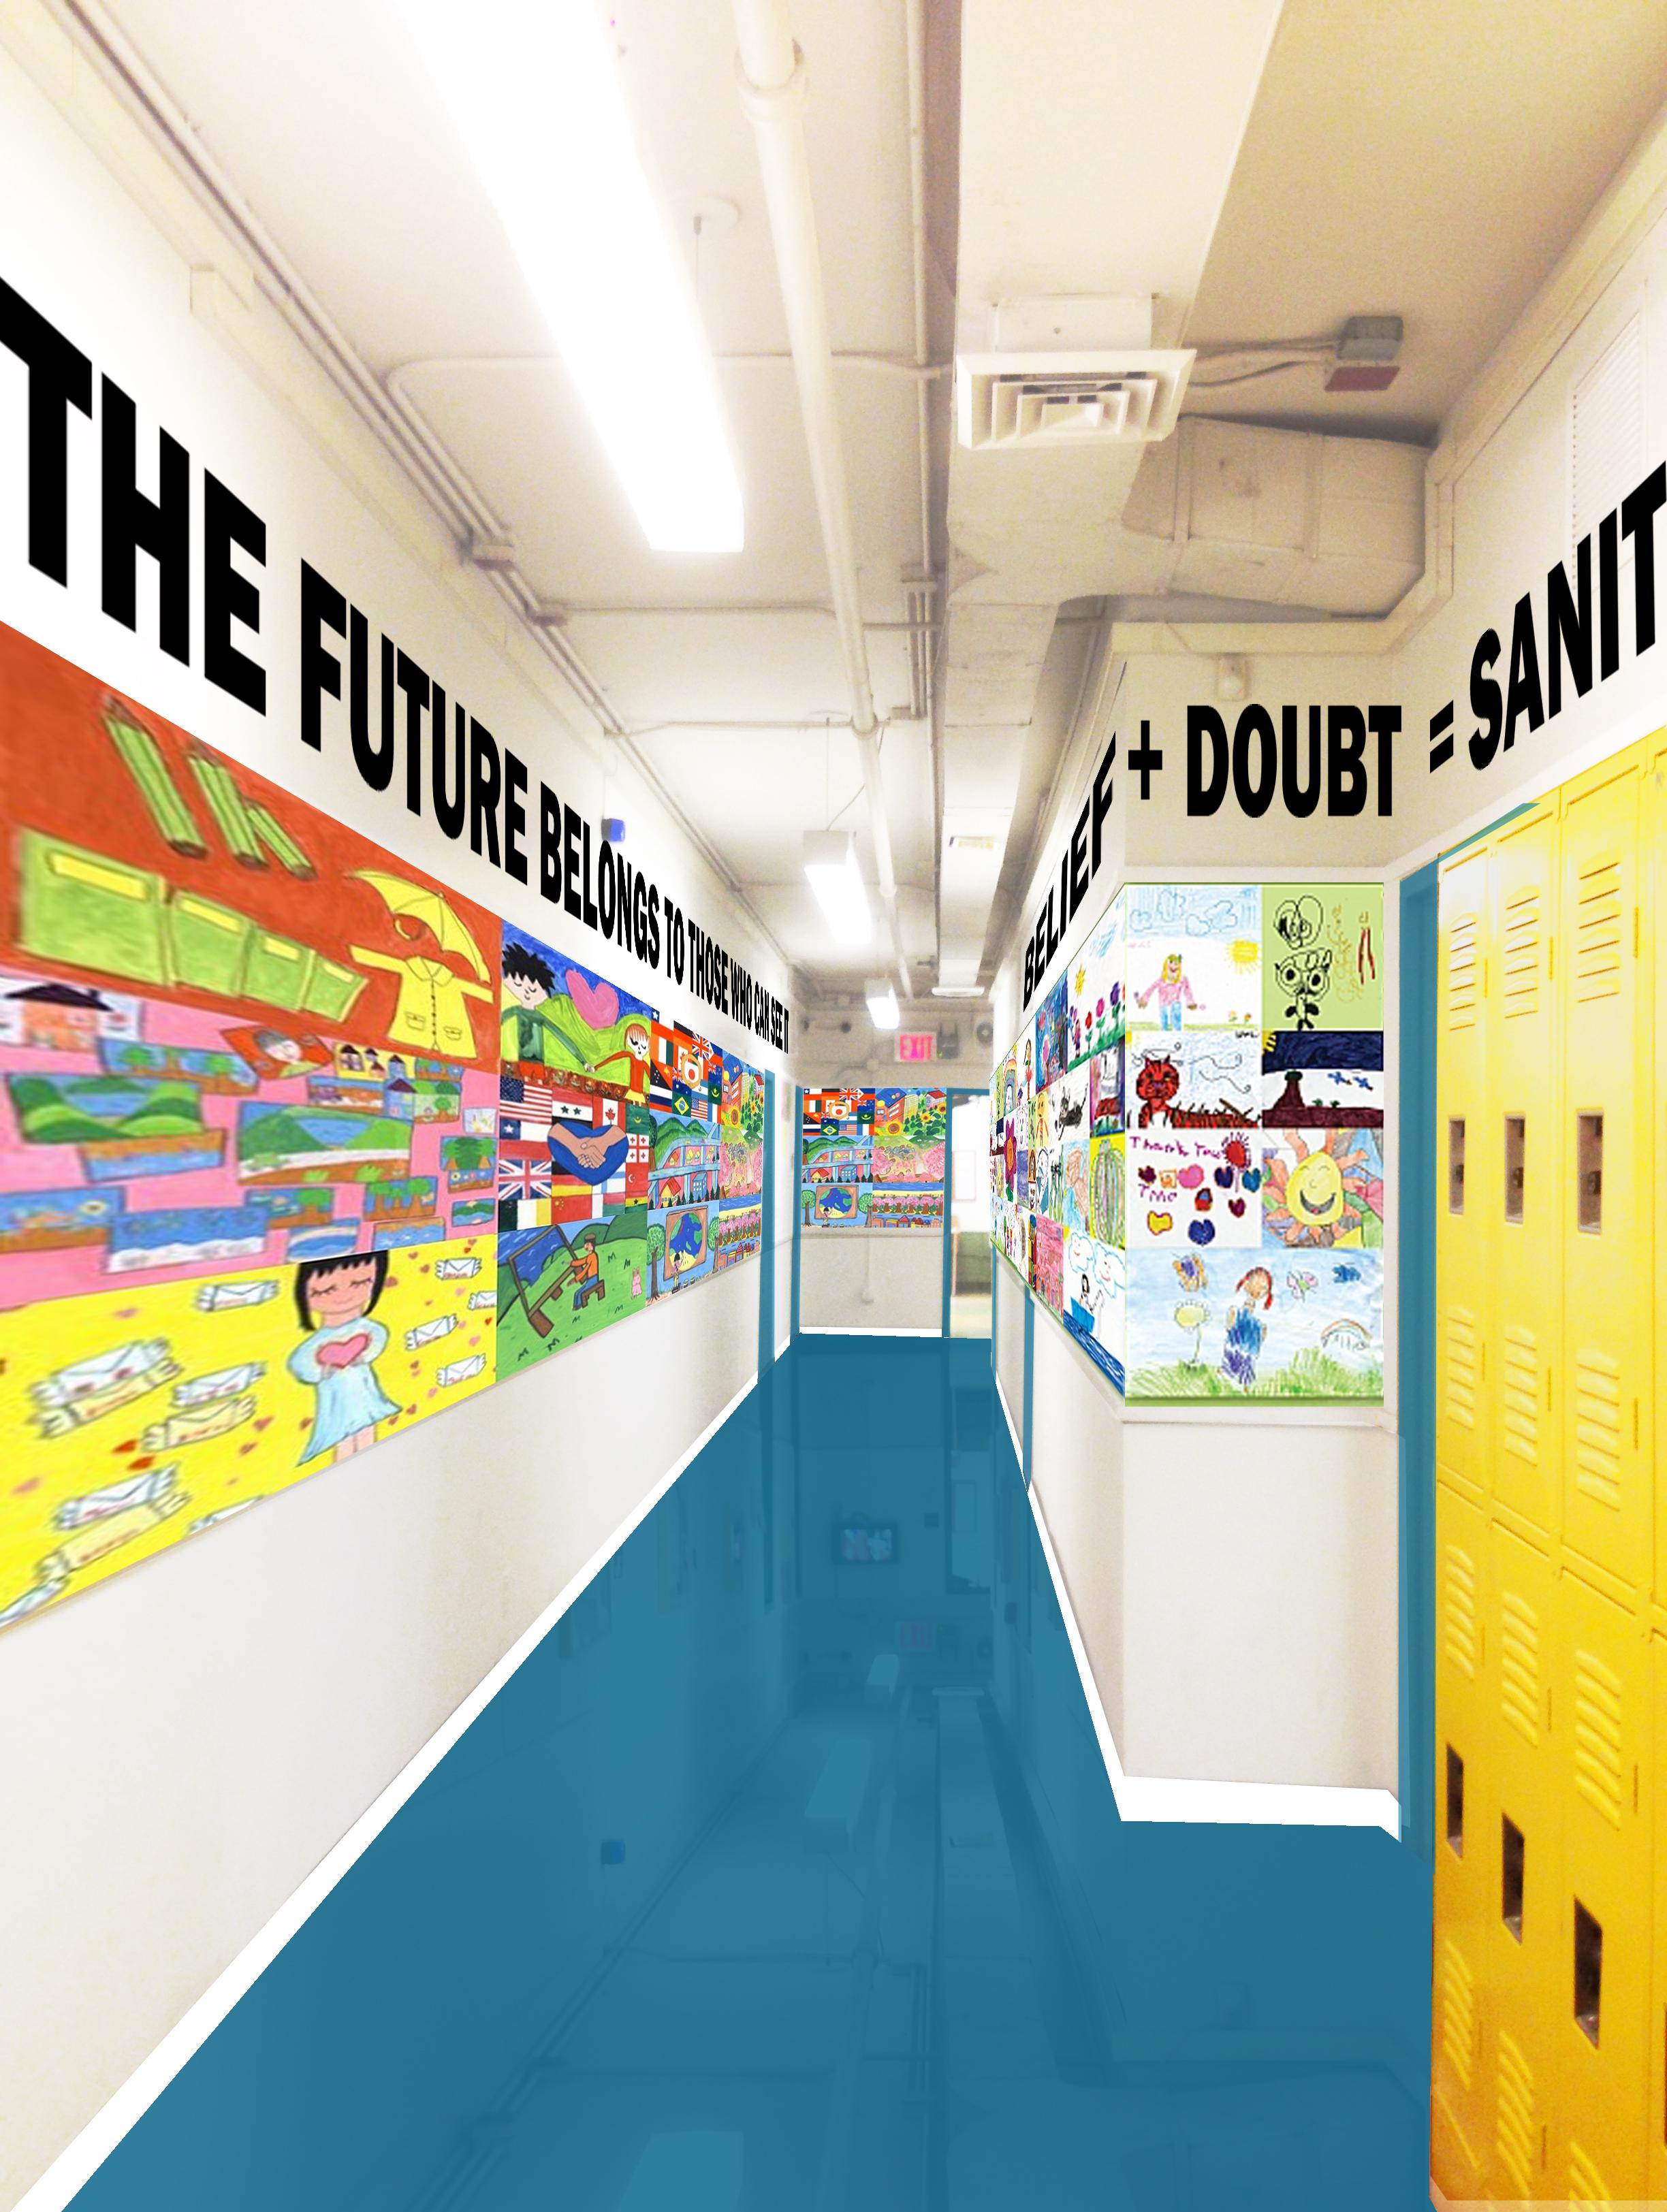 Corridor After